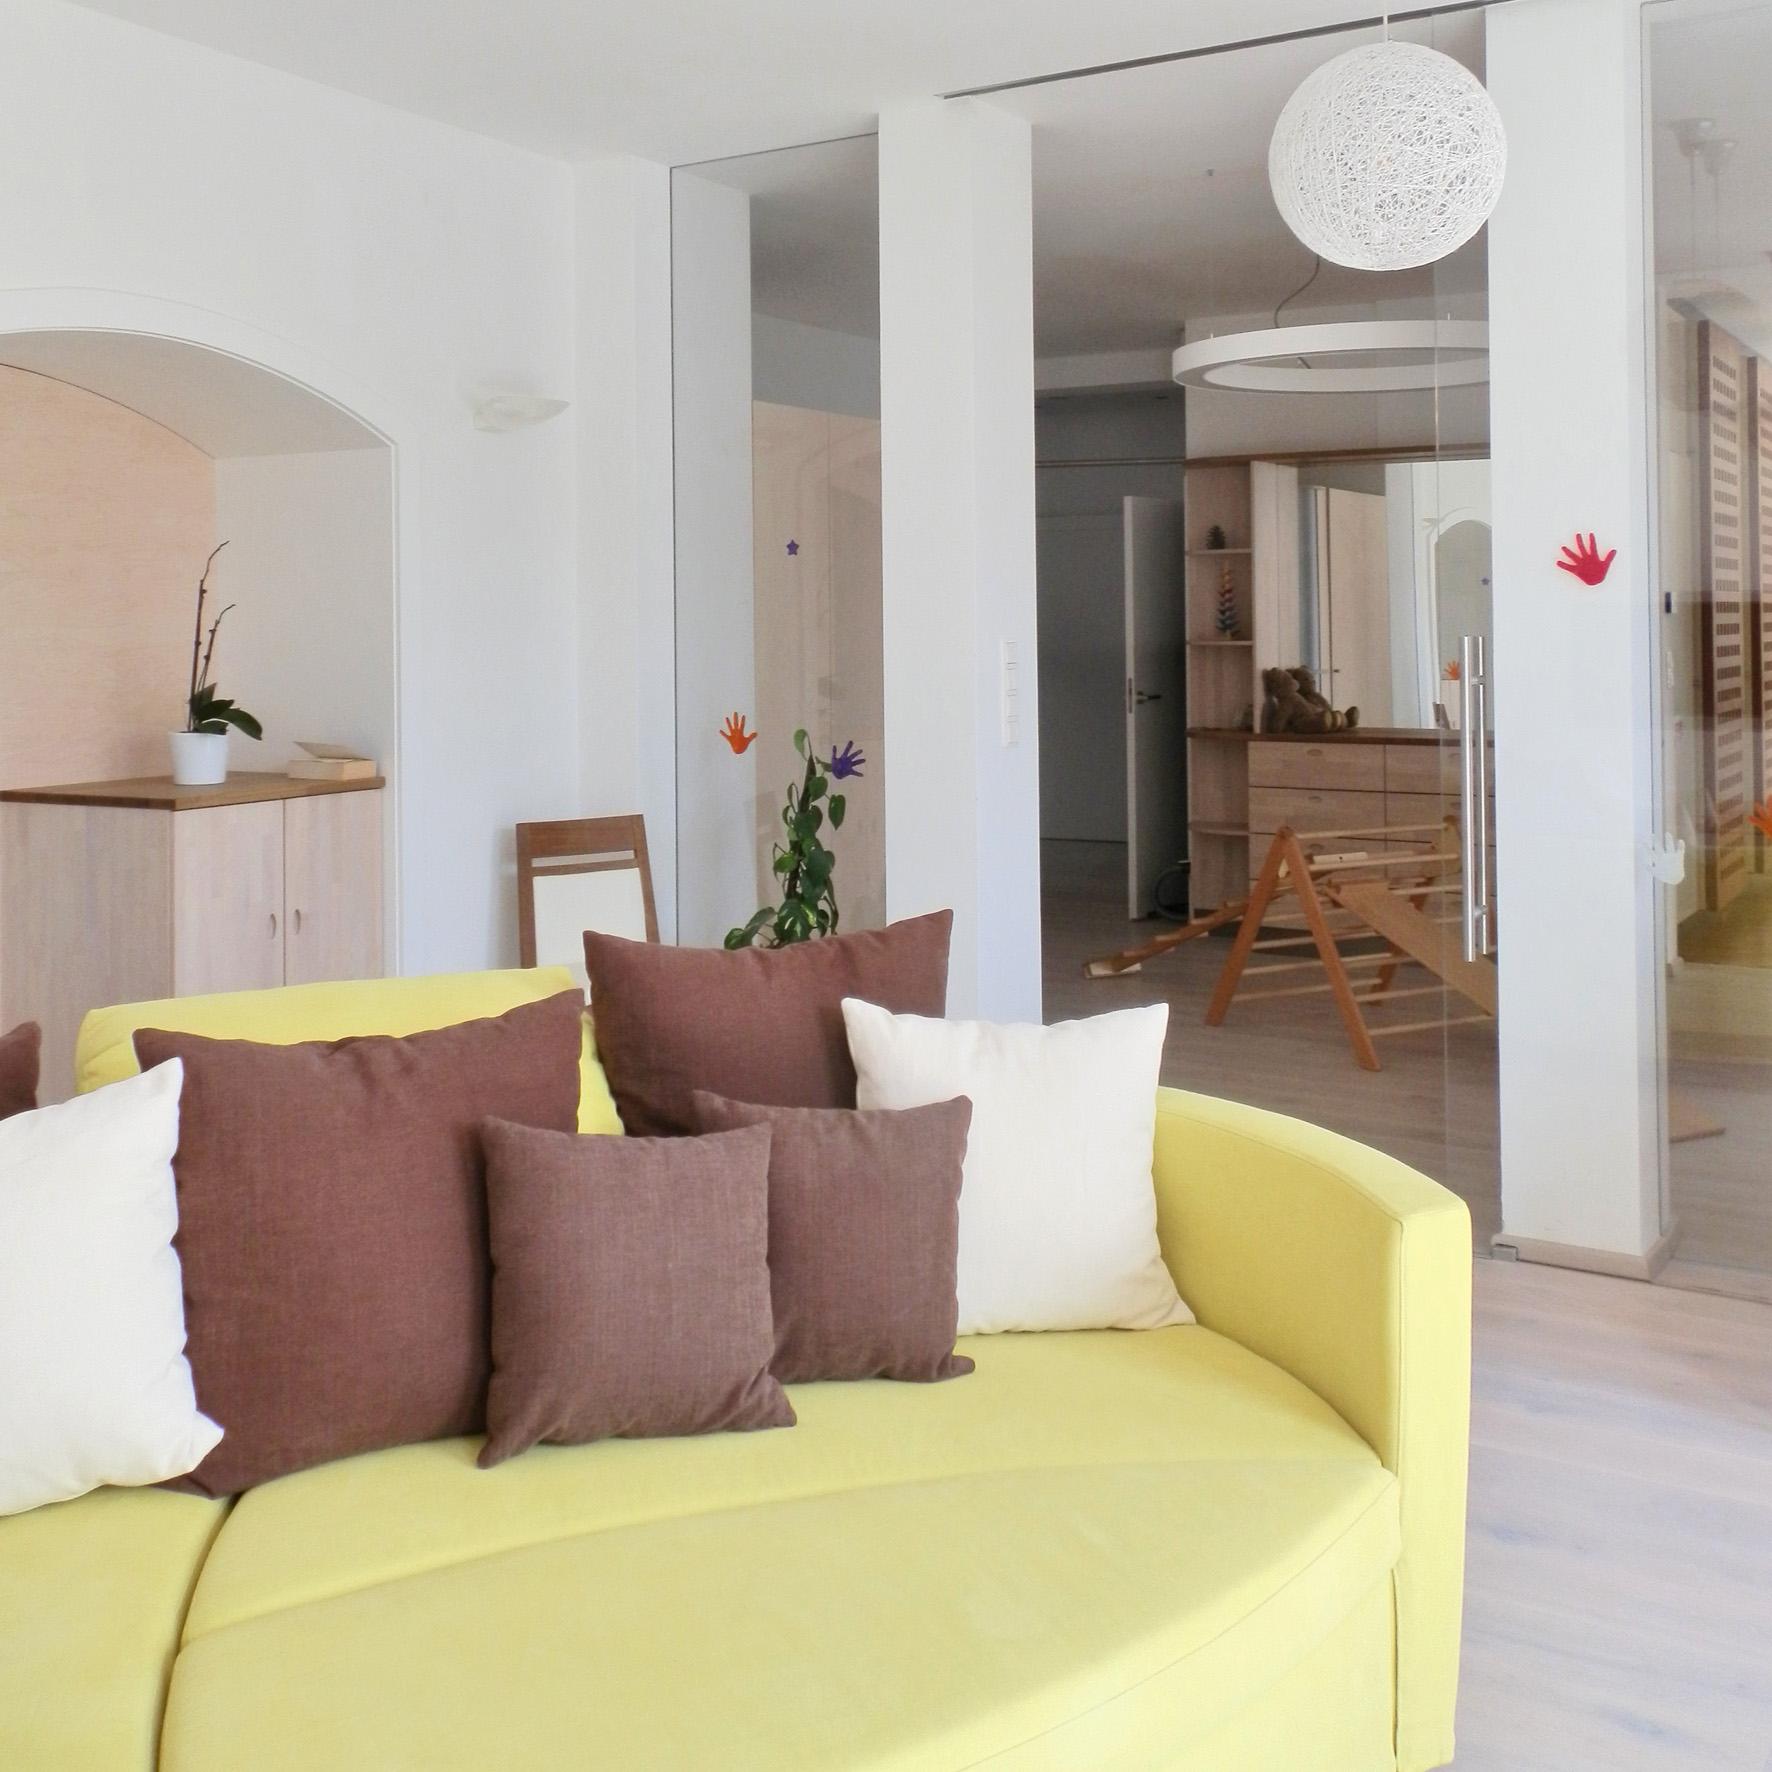 zusammenlegung von r umen weniger zimmer mehr raum. Black Bedroom Furniture Sets. Home Design Ideas